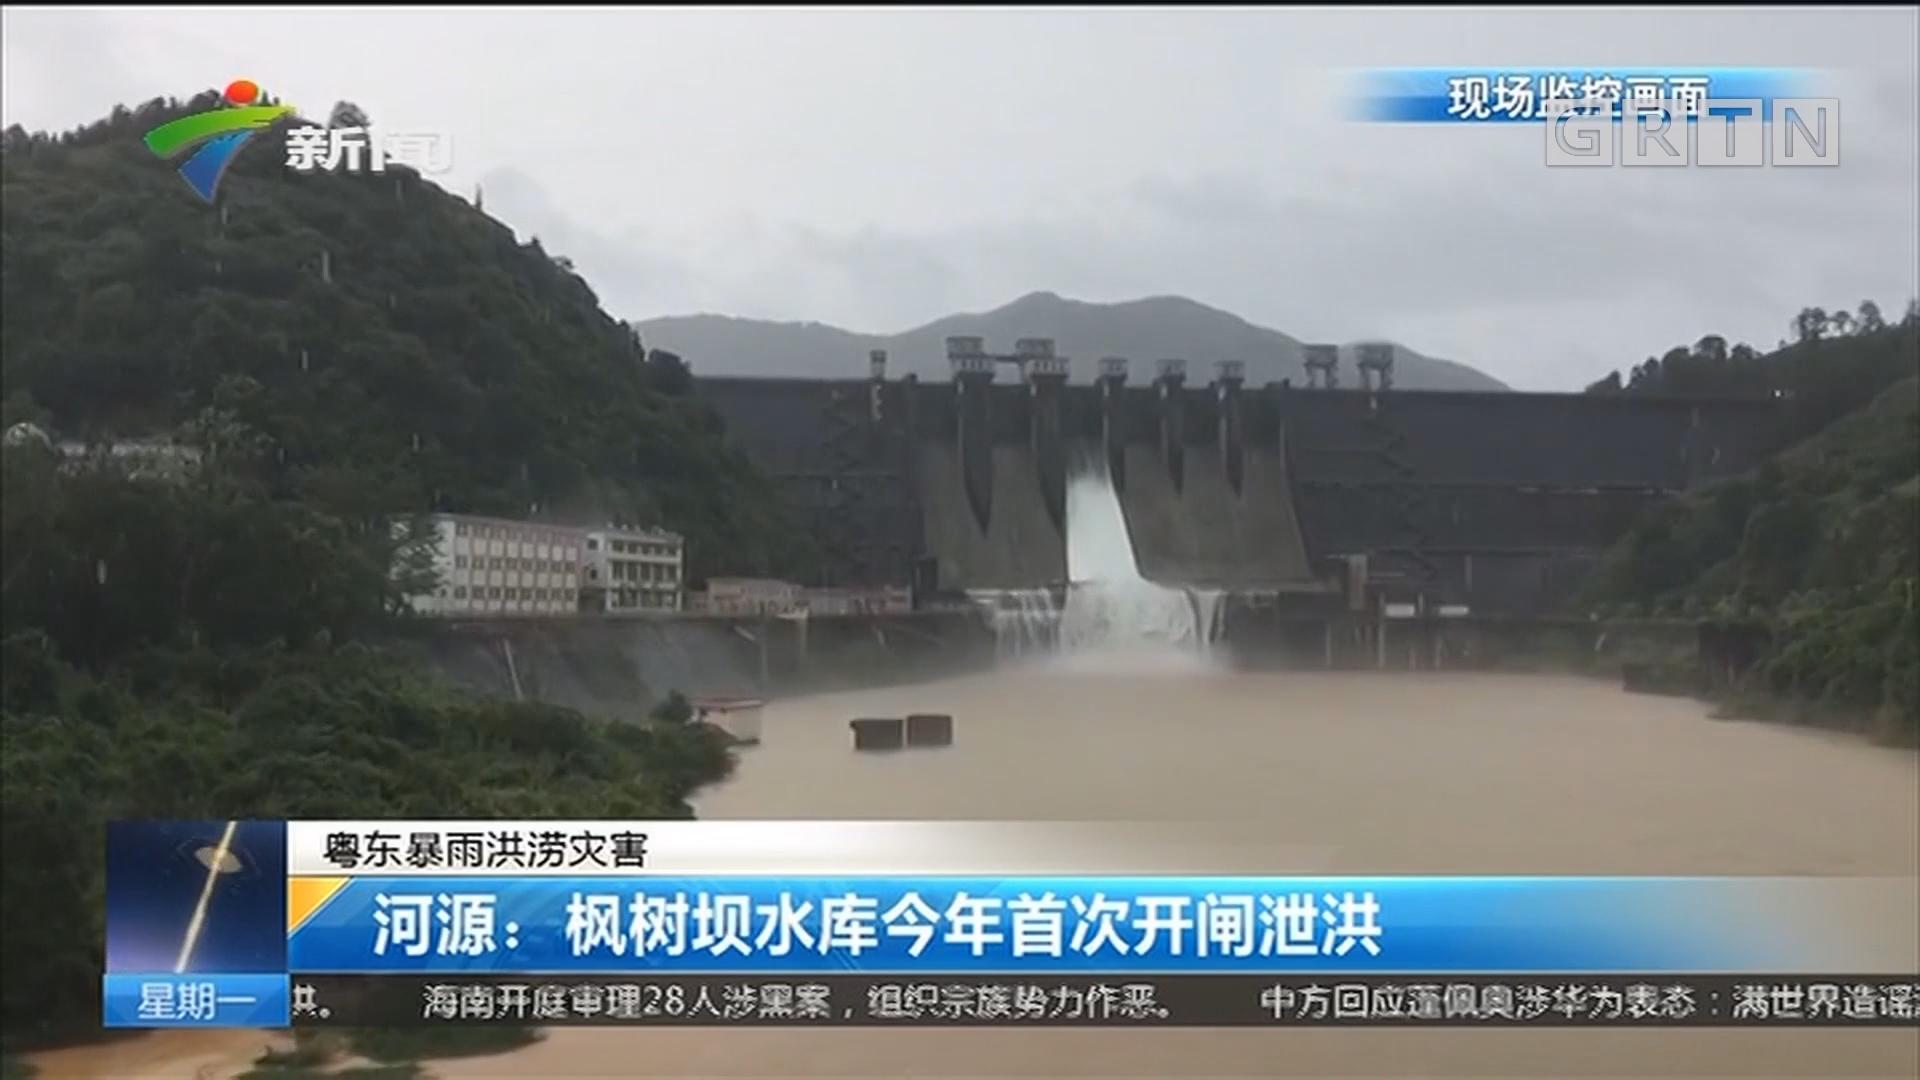 粤东暴雨洪涝灾害 河源:枫树坝水库今年首次开闸泄洪